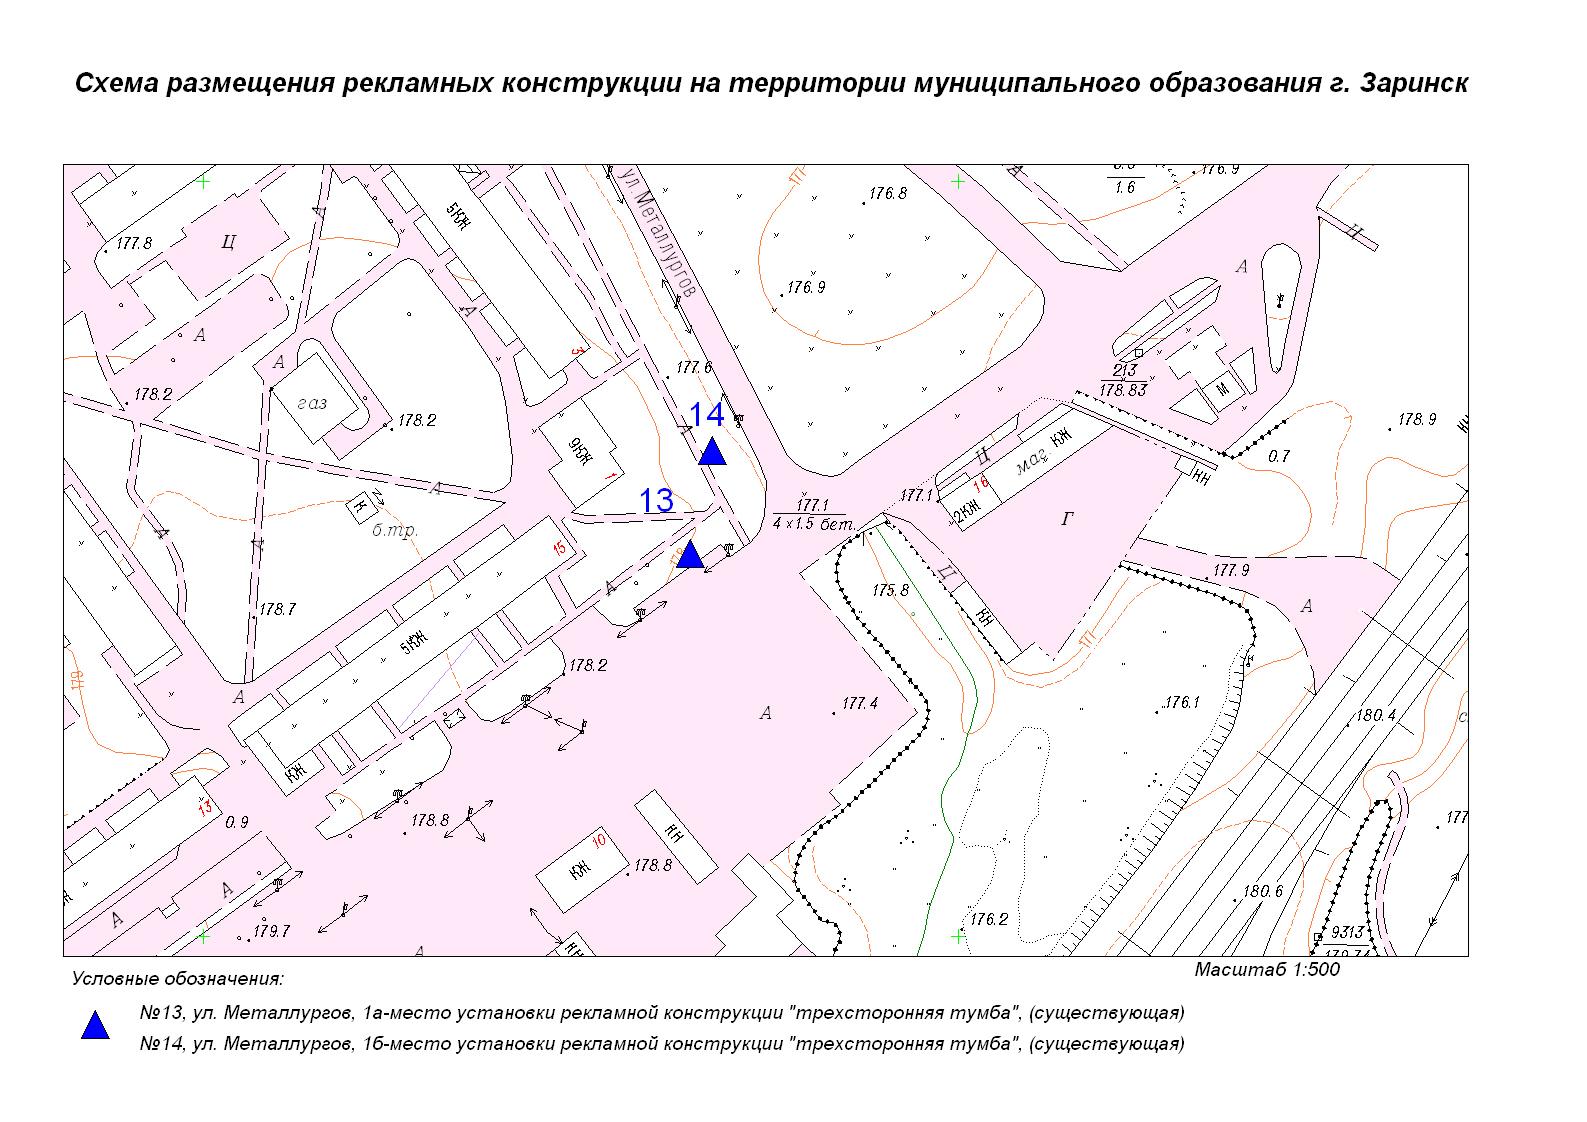 Схема размещения рекламных конструкций на территории муниципального образования